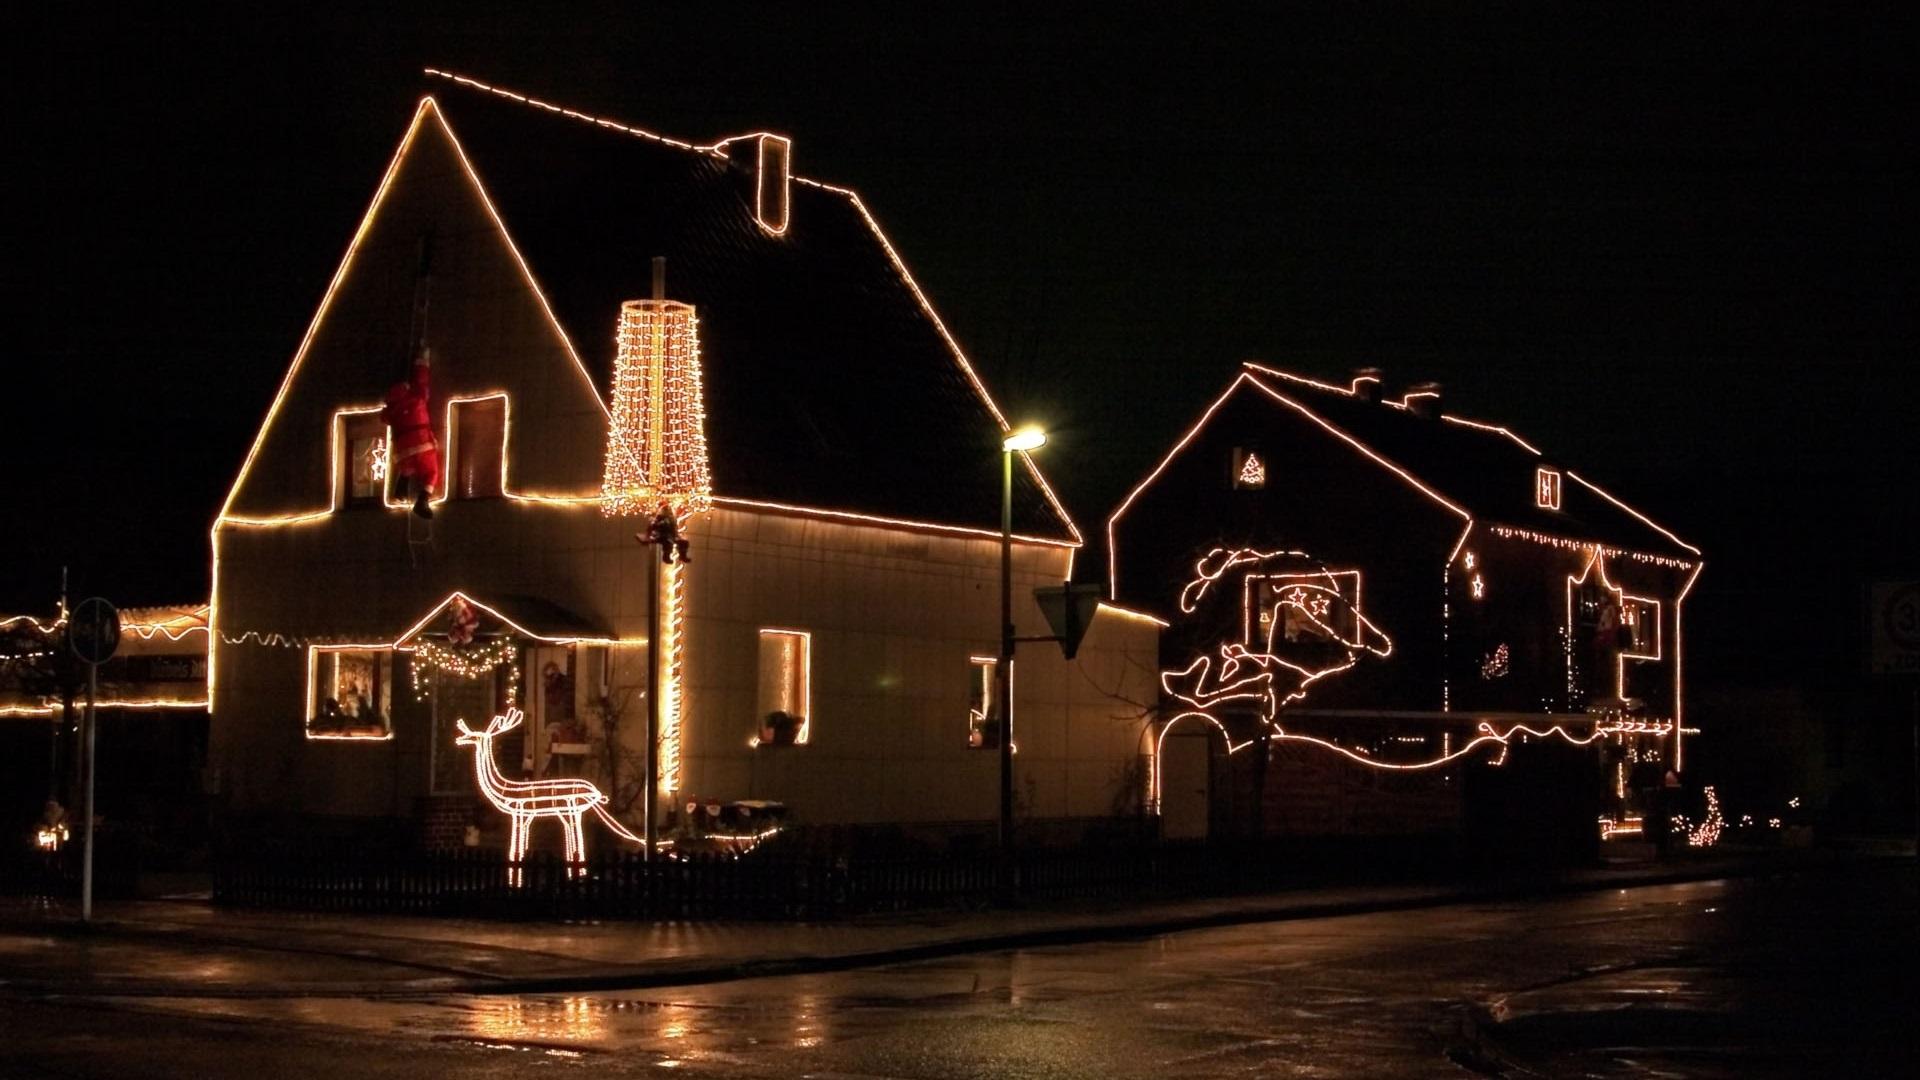 Haus Weihnachtsbeleuchtung.Weihnachten Haus Weihnachtsbeleuchtung Nacht 1920x1080